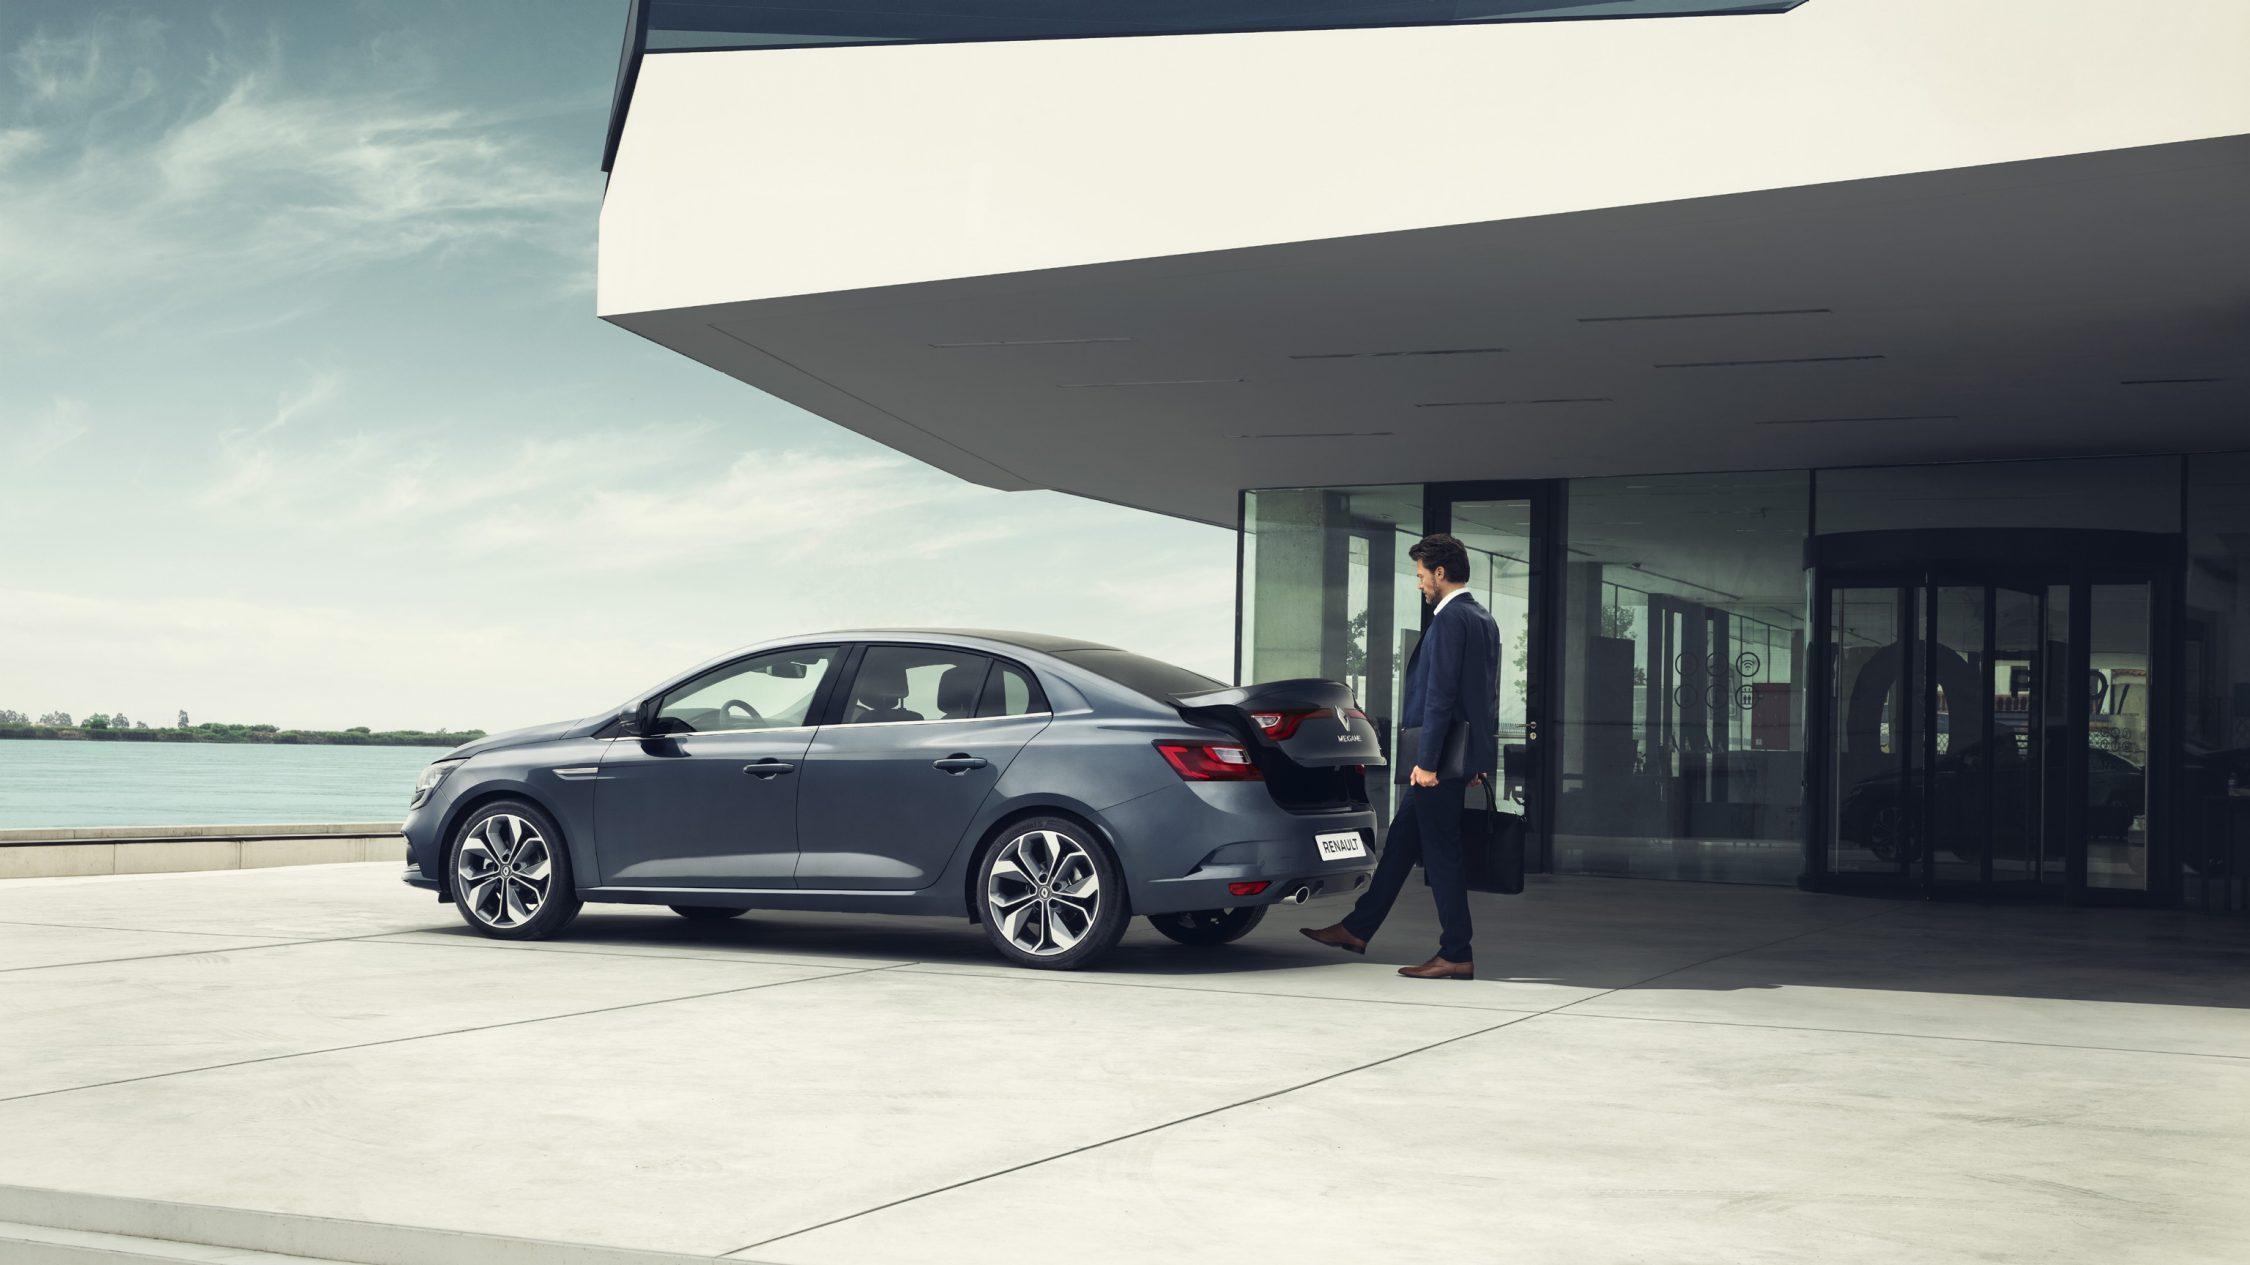 renault-megane-sedan-lff-ph1-features-modularity-002.jpg.ximg.l_full_h.smart.jpg